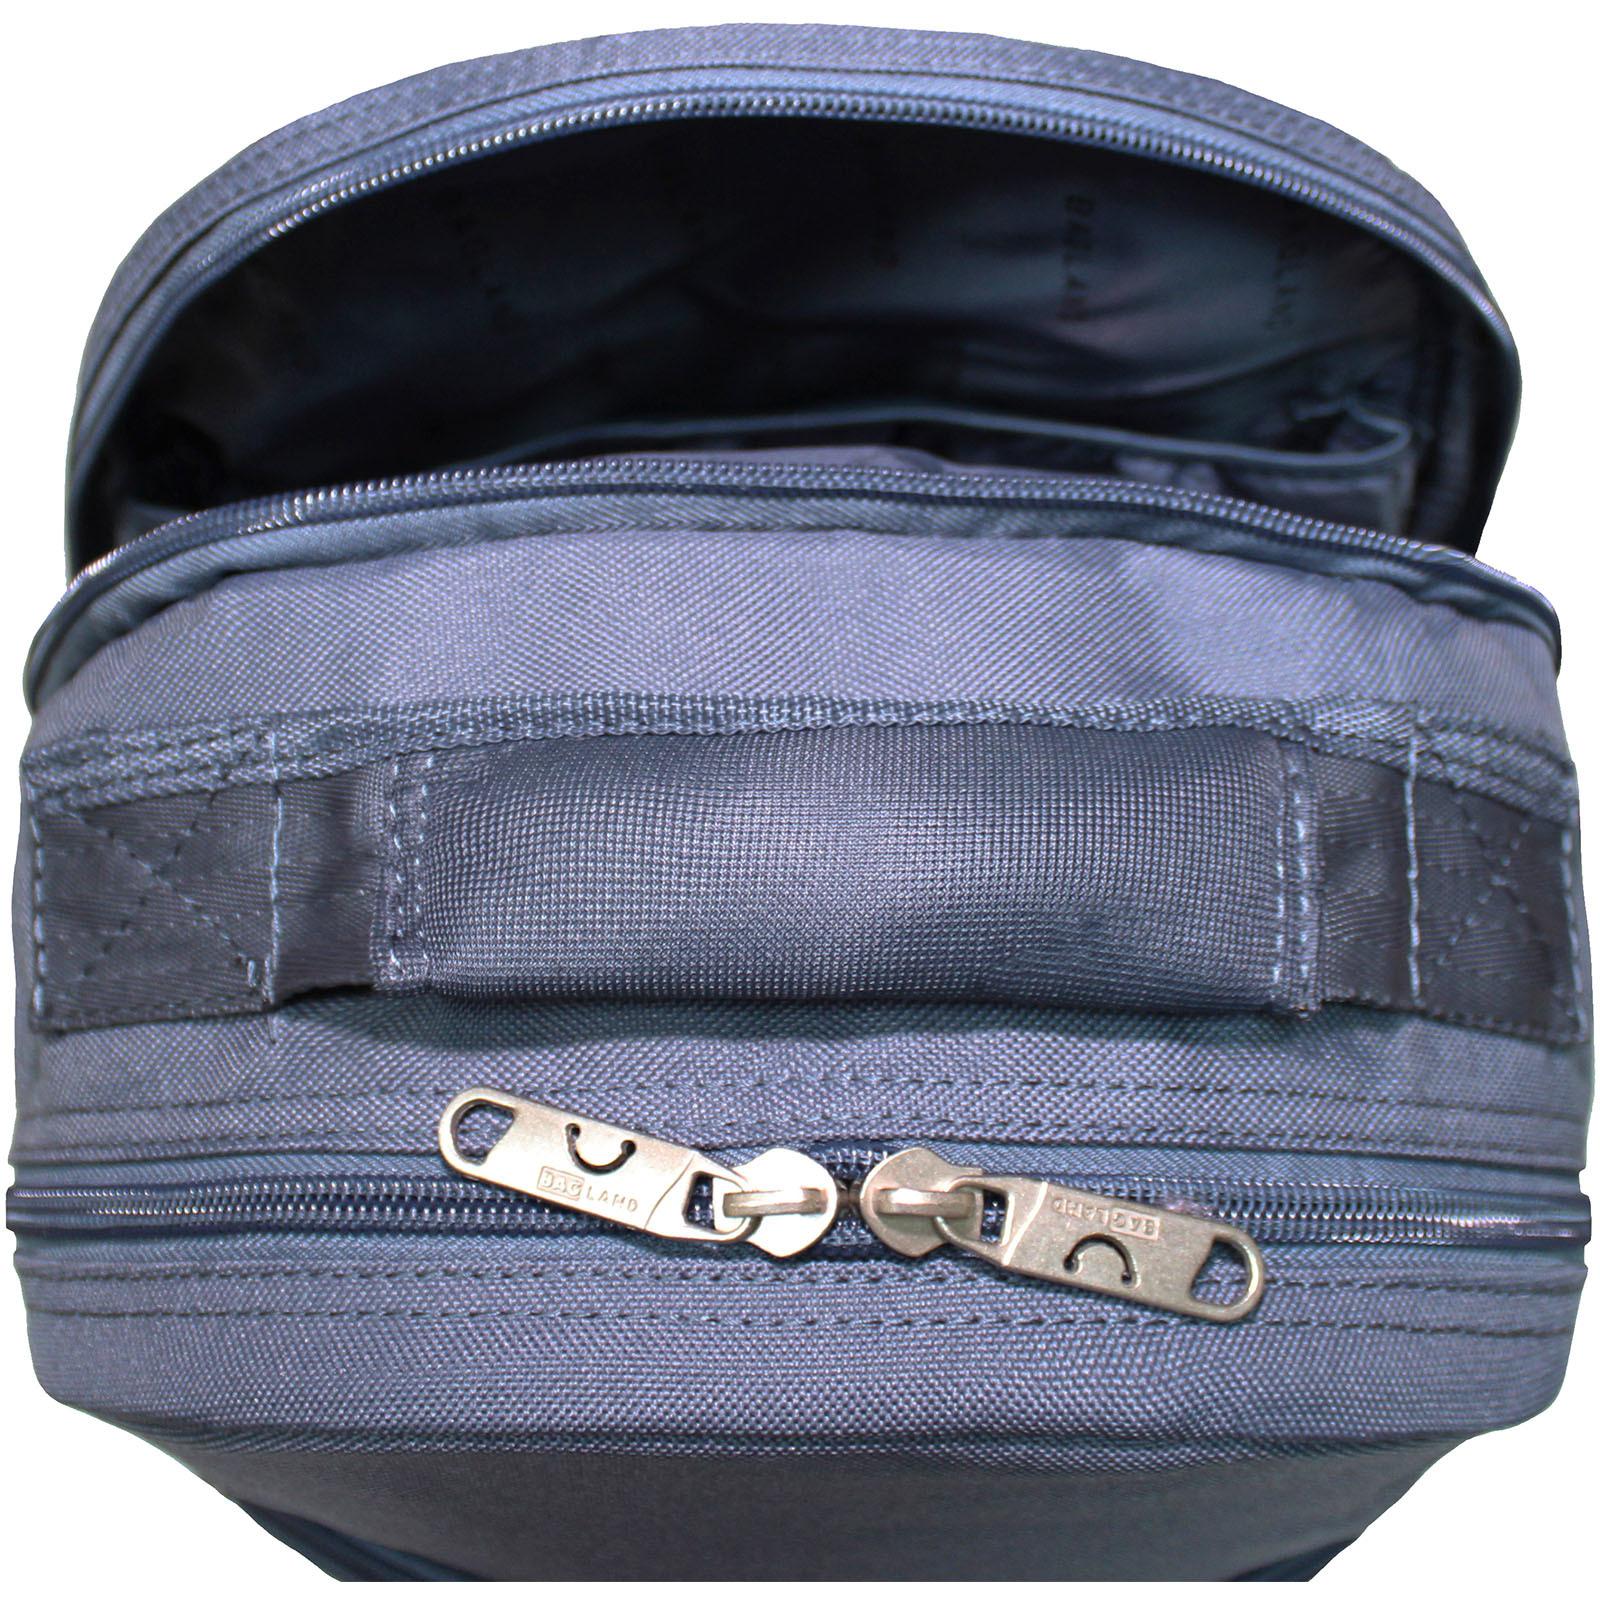 Рюкзак Bagland UltraMax 20 л. Темно серый (00534662)